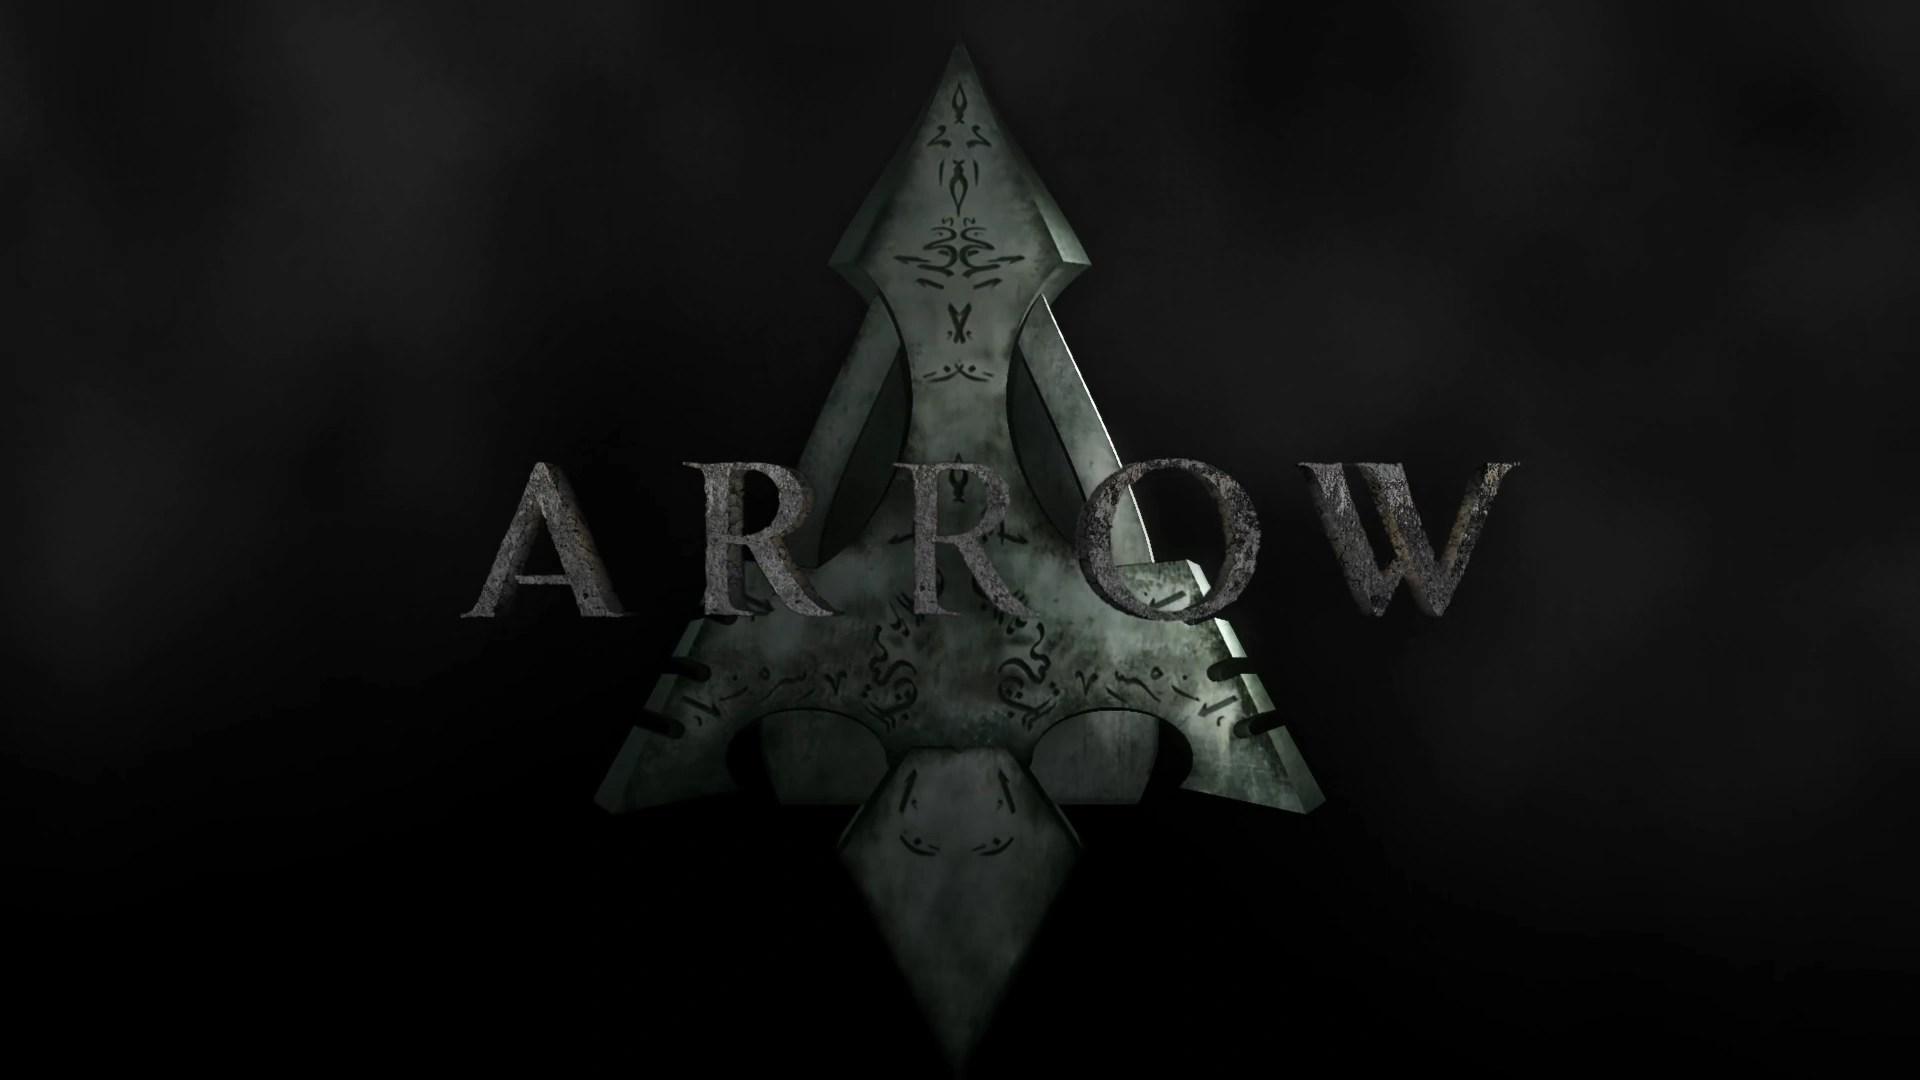 https://i0.wp.com/img4.wikia.nocookie.net/__cb20141011004906/arrow/images/9/9e/Arrow_season_3_title_card.png